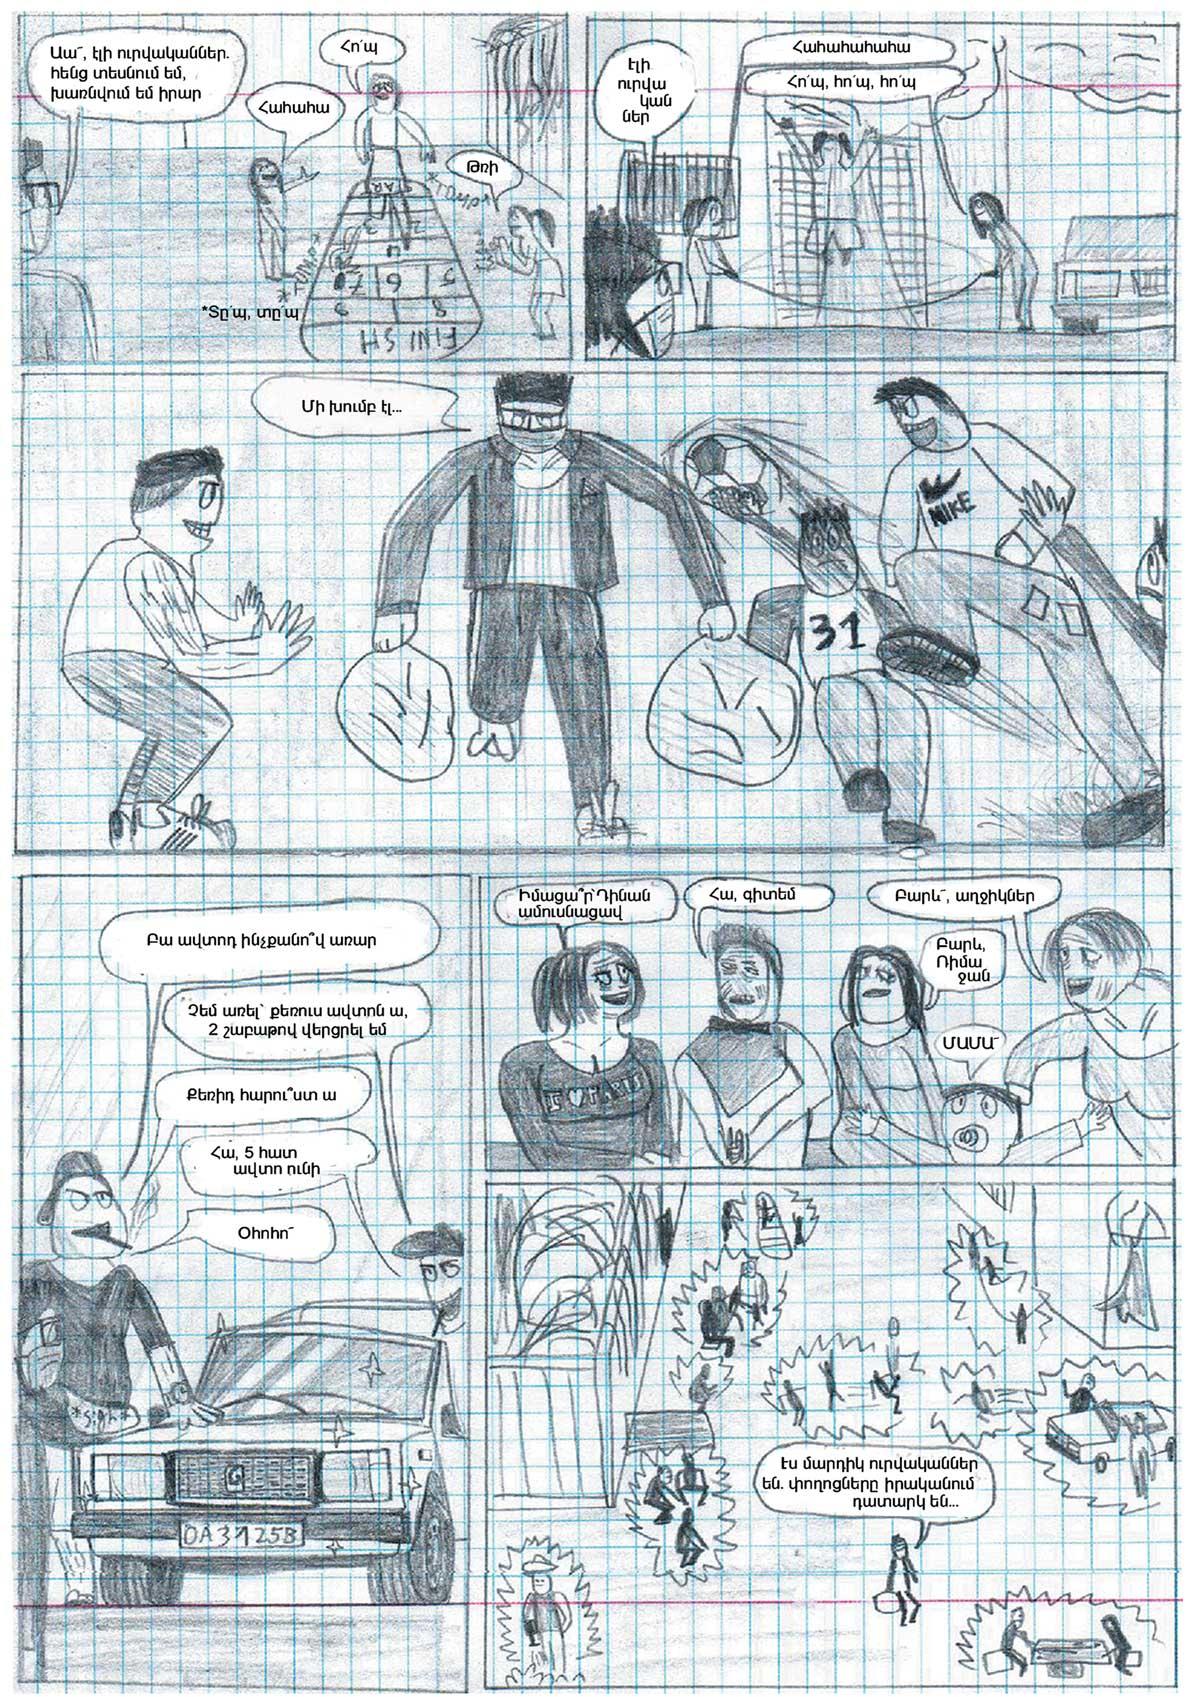 anri chilingaryan 2 - TumoZine Comics with Shamiram Khachatryan